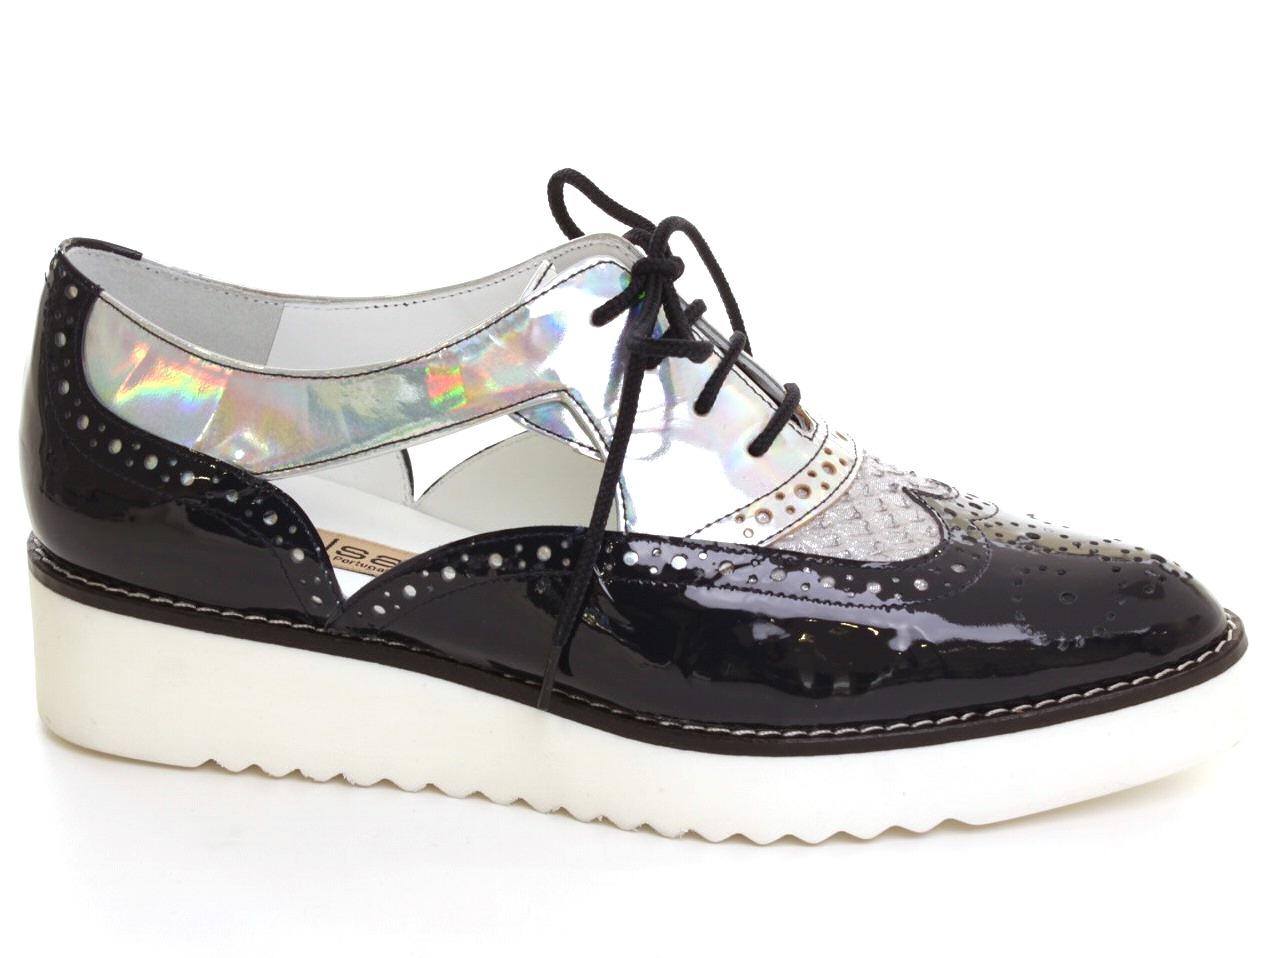 Zapatos Planos, Sabrinas, Mocassins Helsar - 032 816